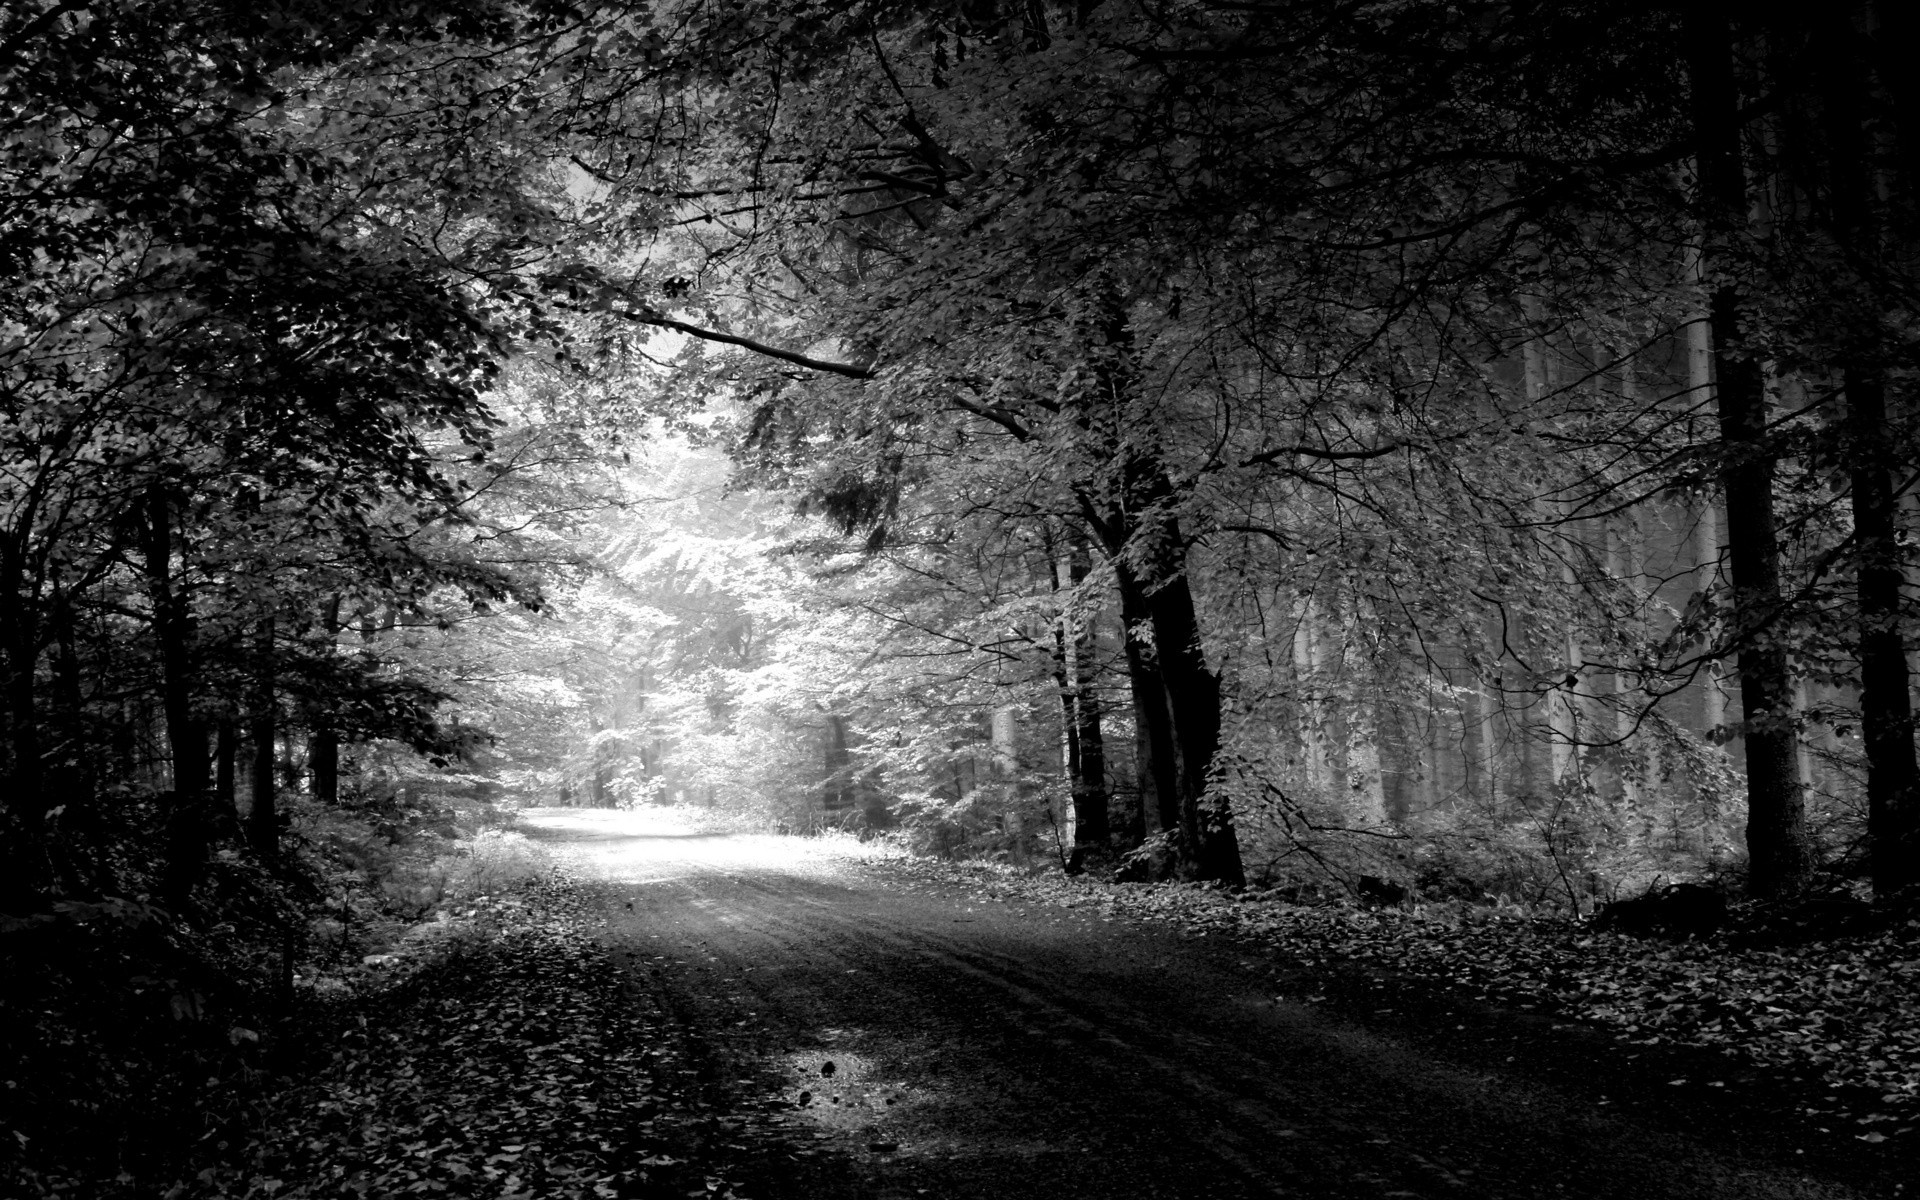 Картинки Дорога, осень, черно-белый, деревья, бассейн фото и обои на рабочий стол